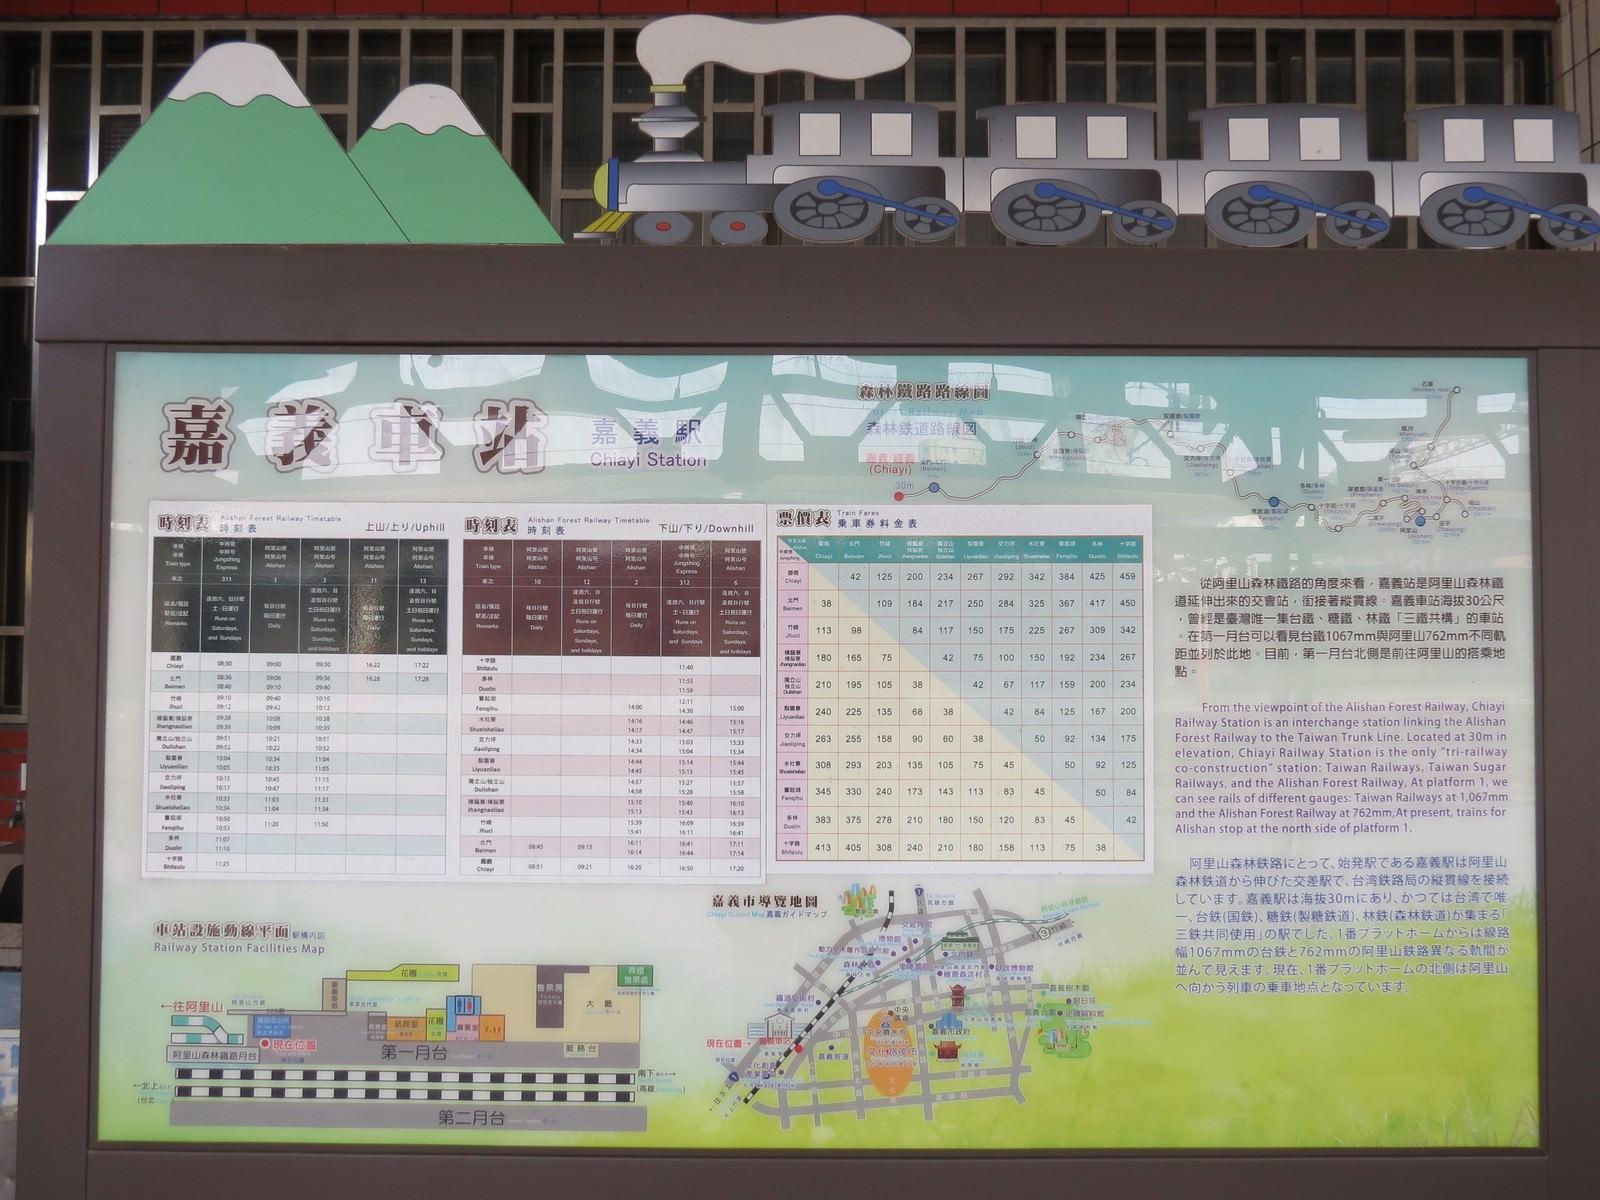 阿里山林業鐵路(森林小火車), 停靠暫與票價